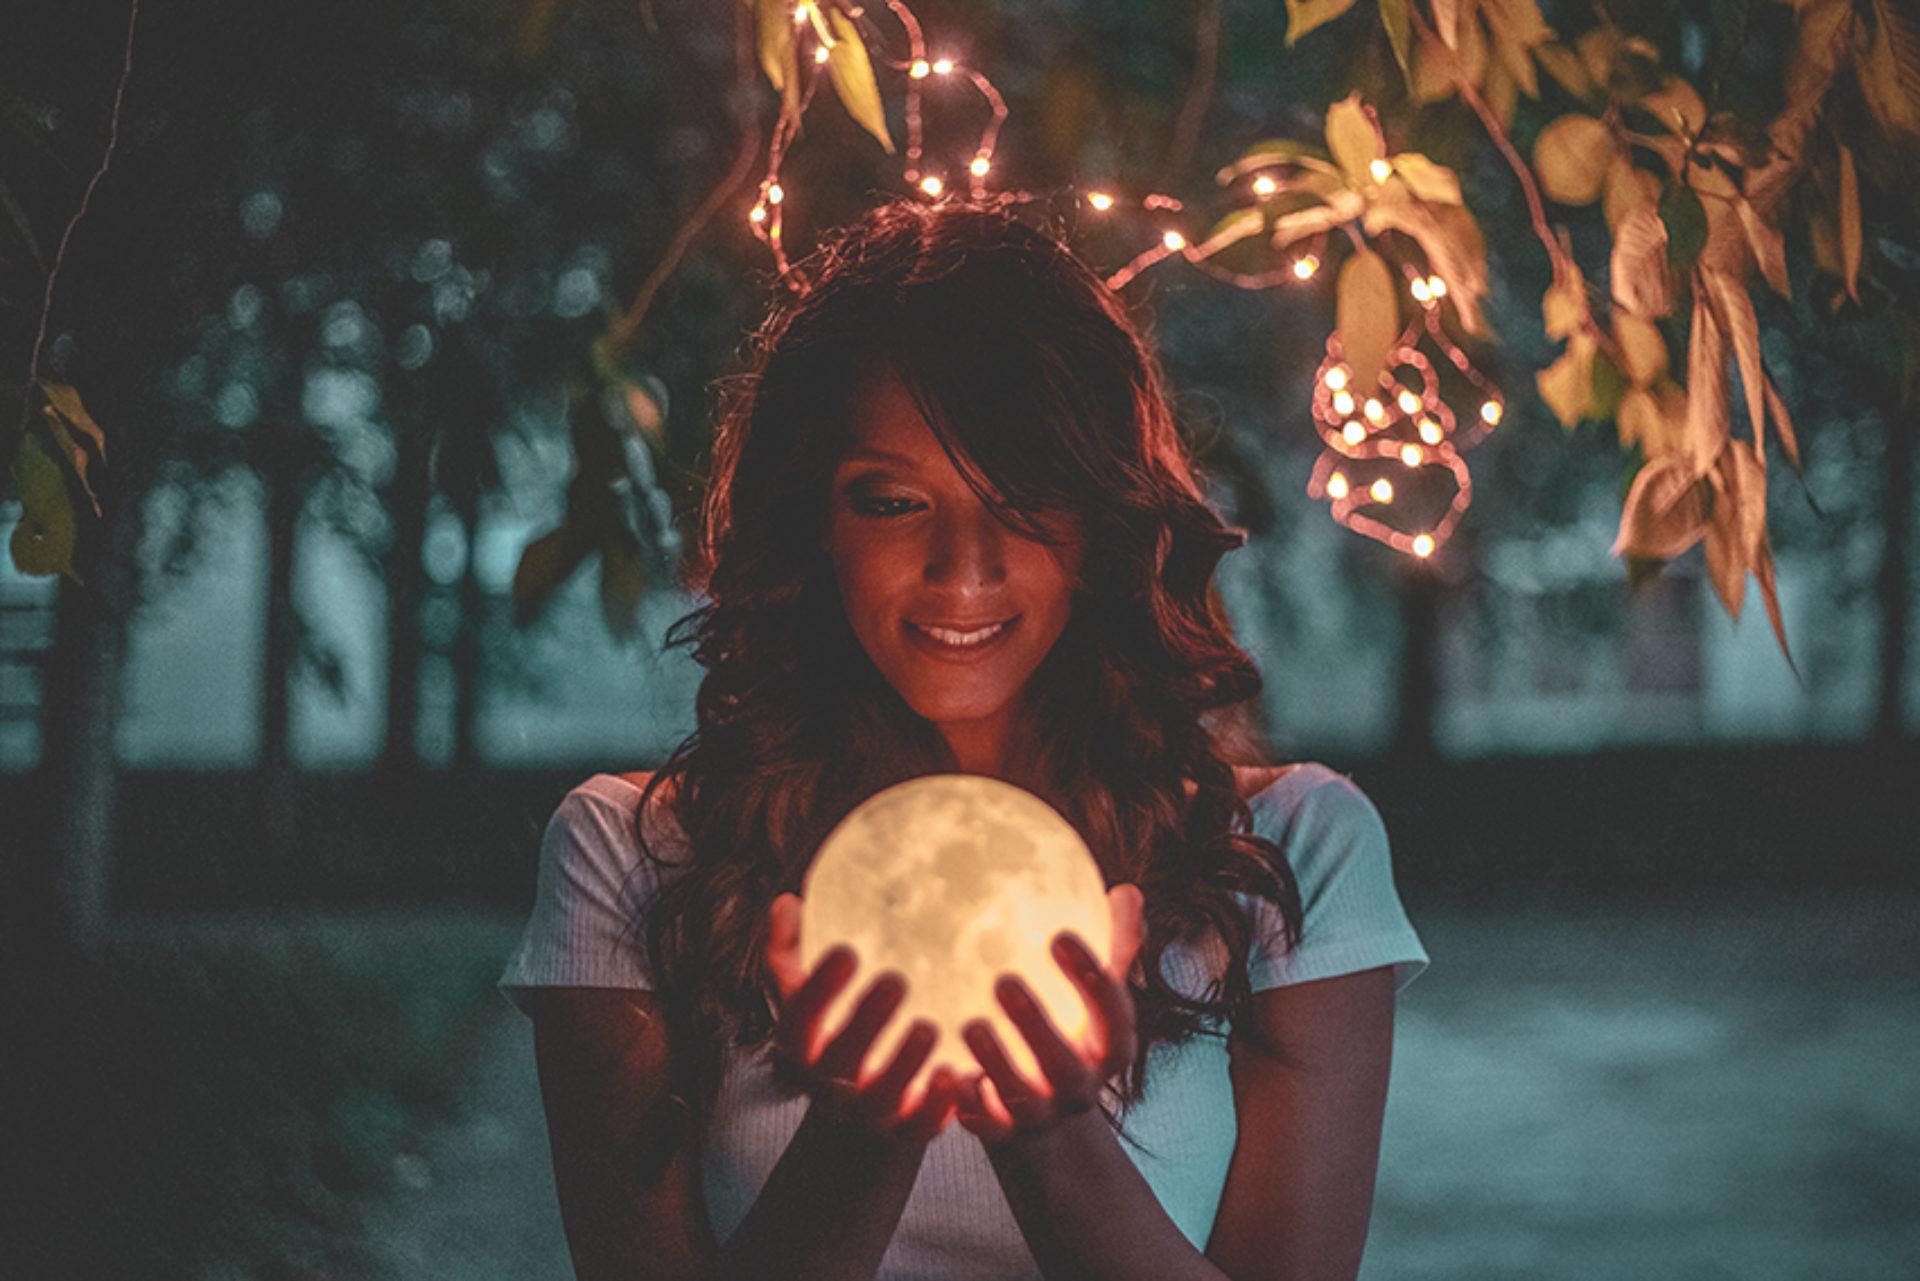 Verbind je met de maanfasen en geef je leven meer glans en kracht - 3/4